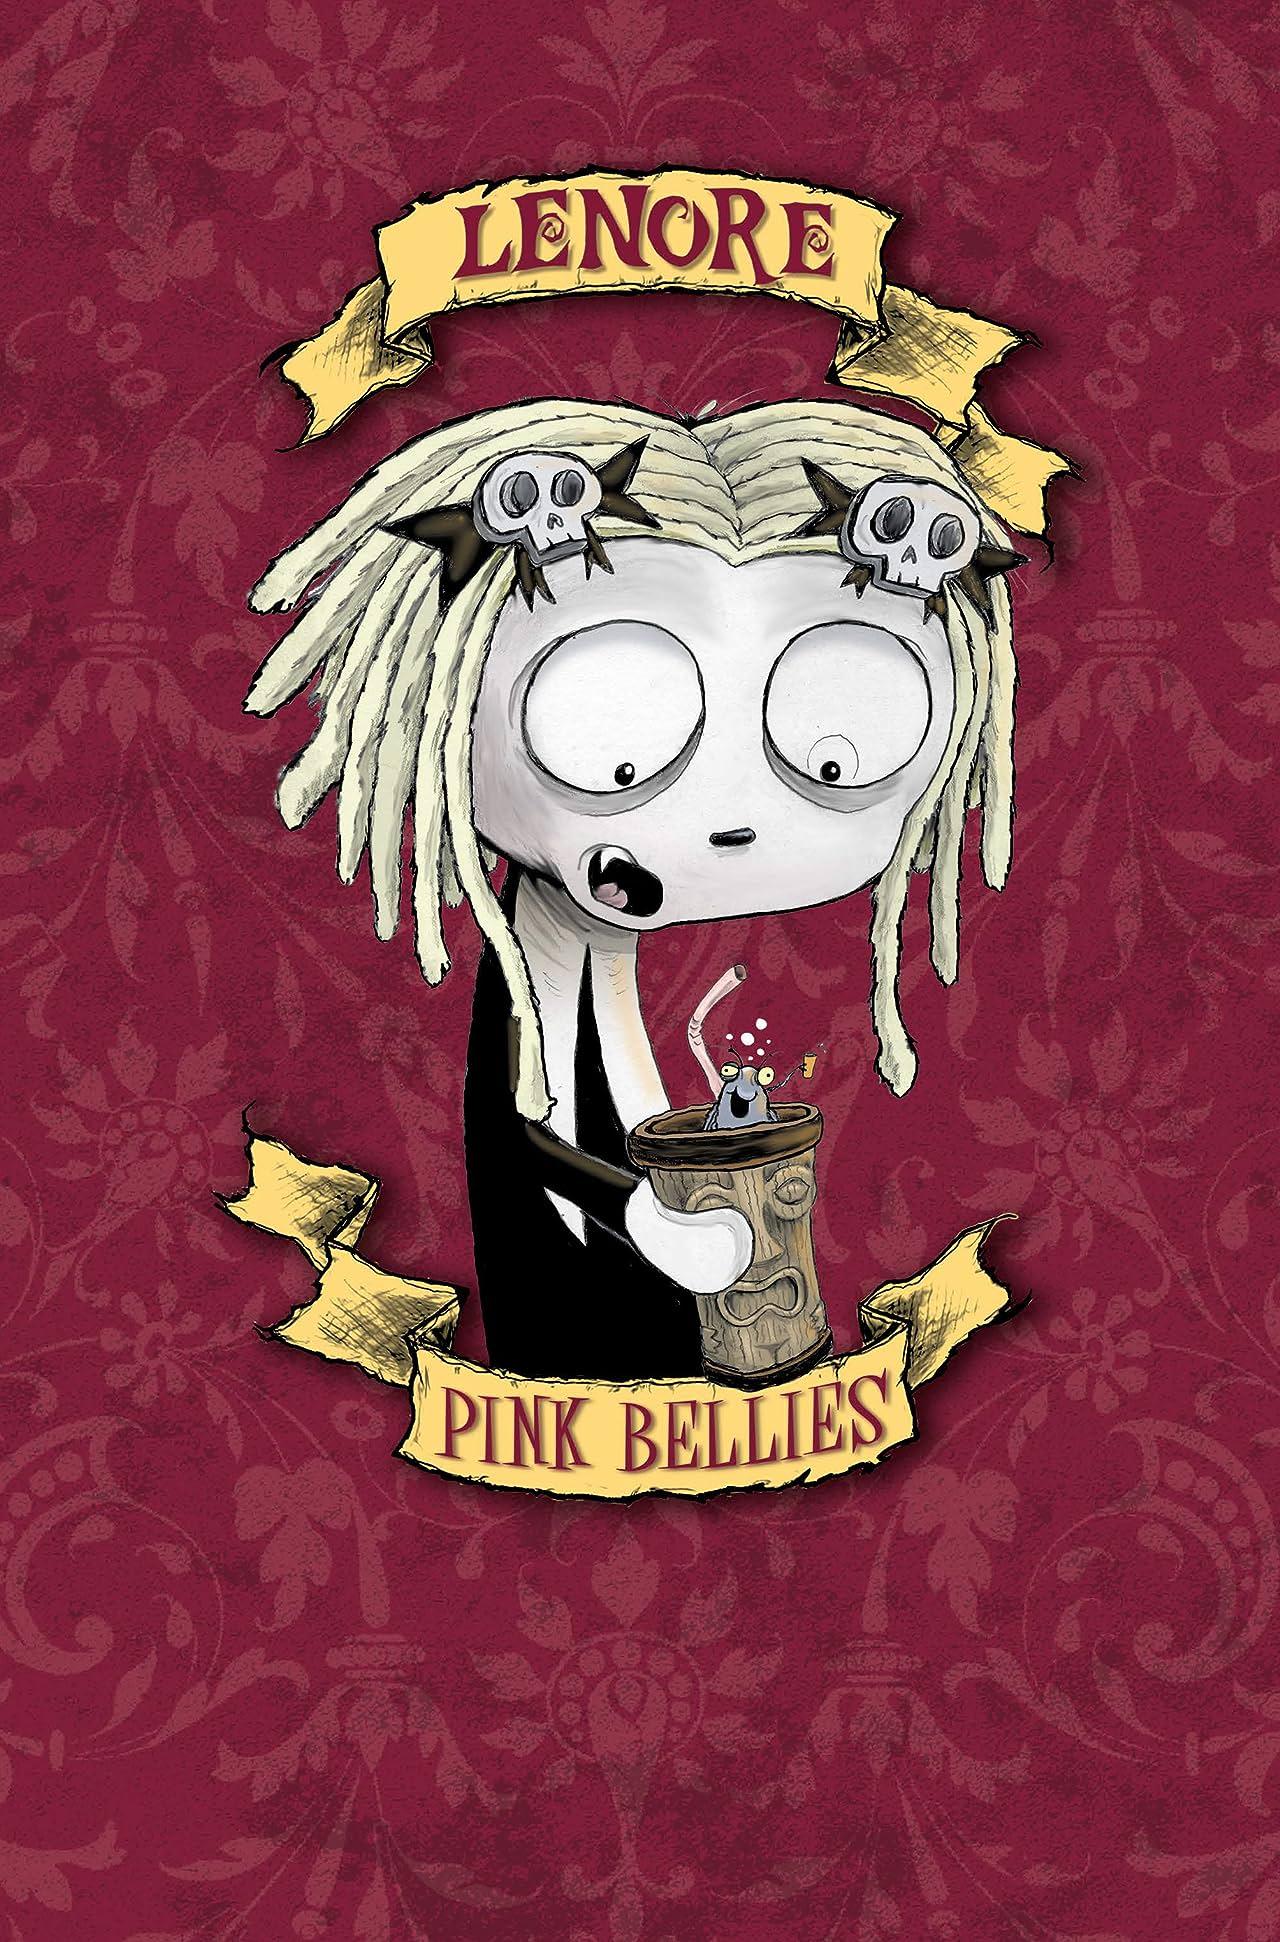 Lenore: Pink Bellies